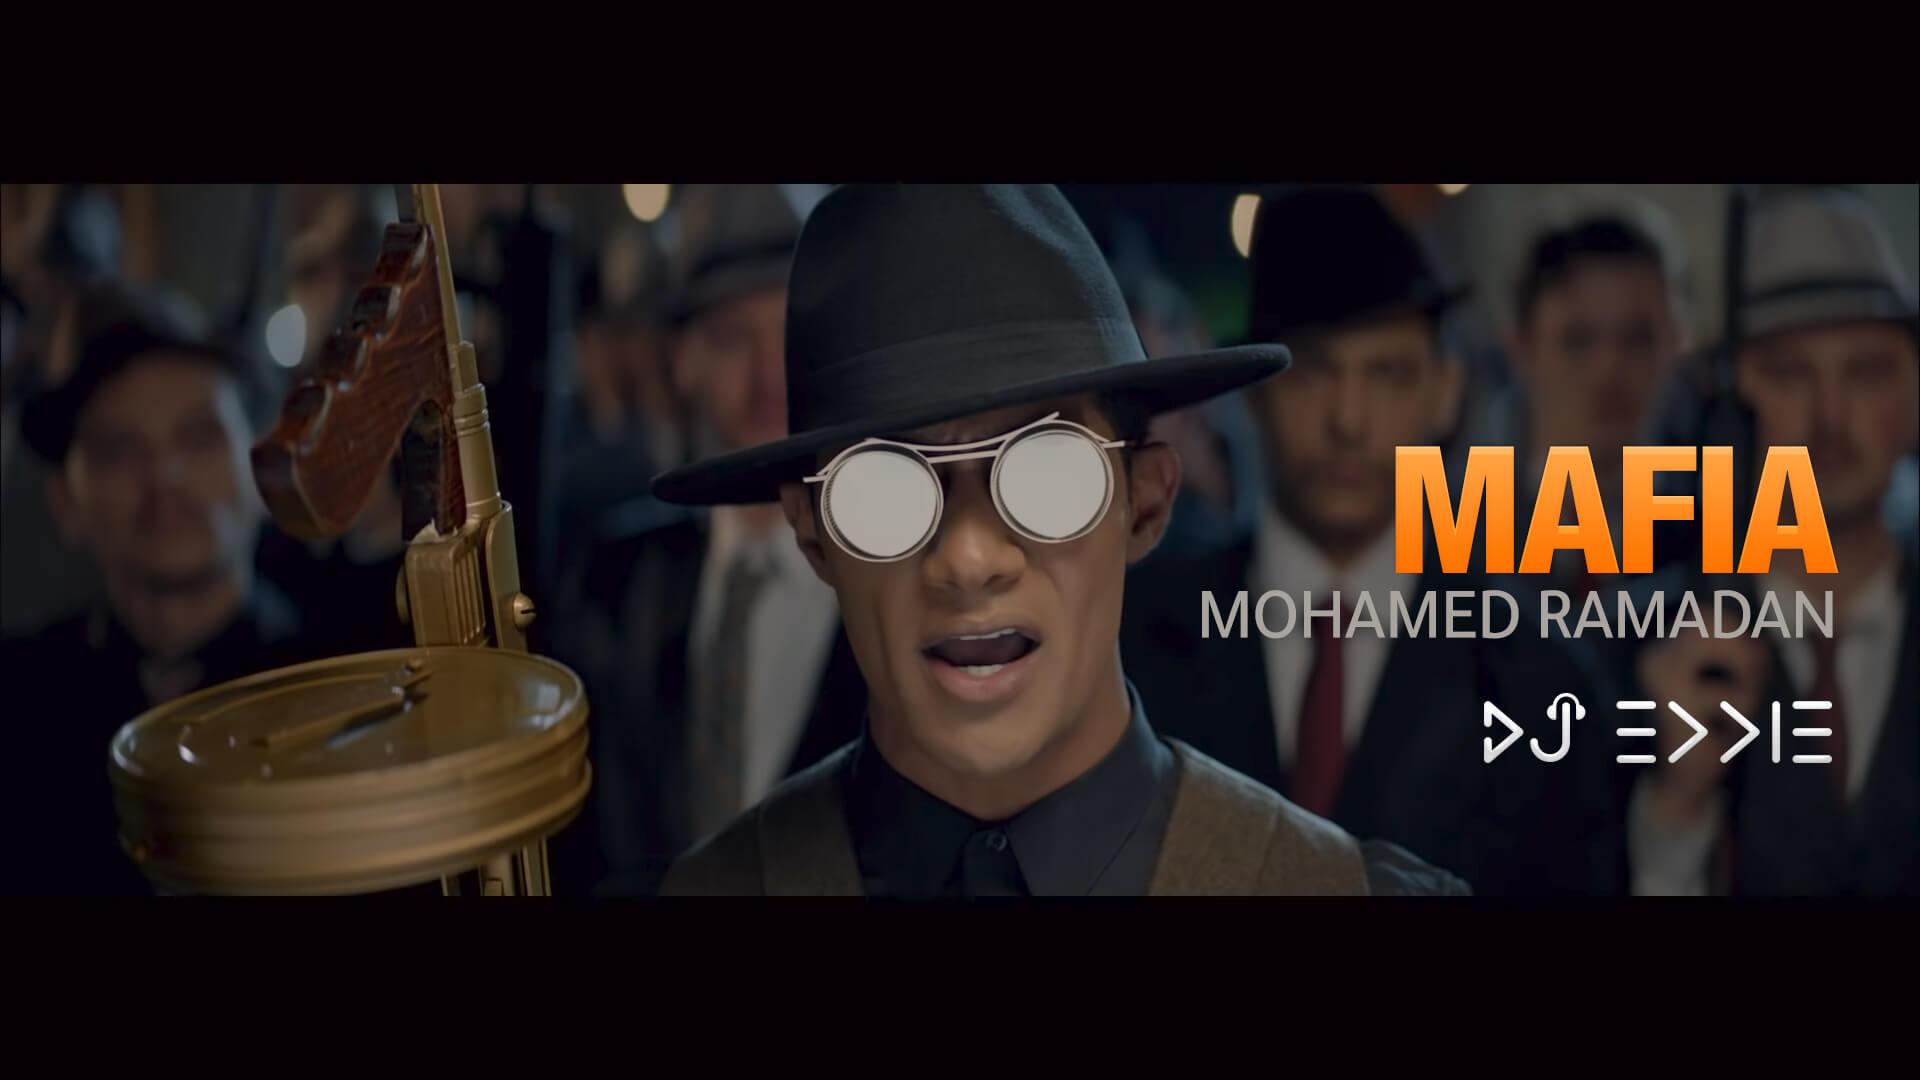 محمد رمضان - مافيا Mohamed Ramadan - Mafia